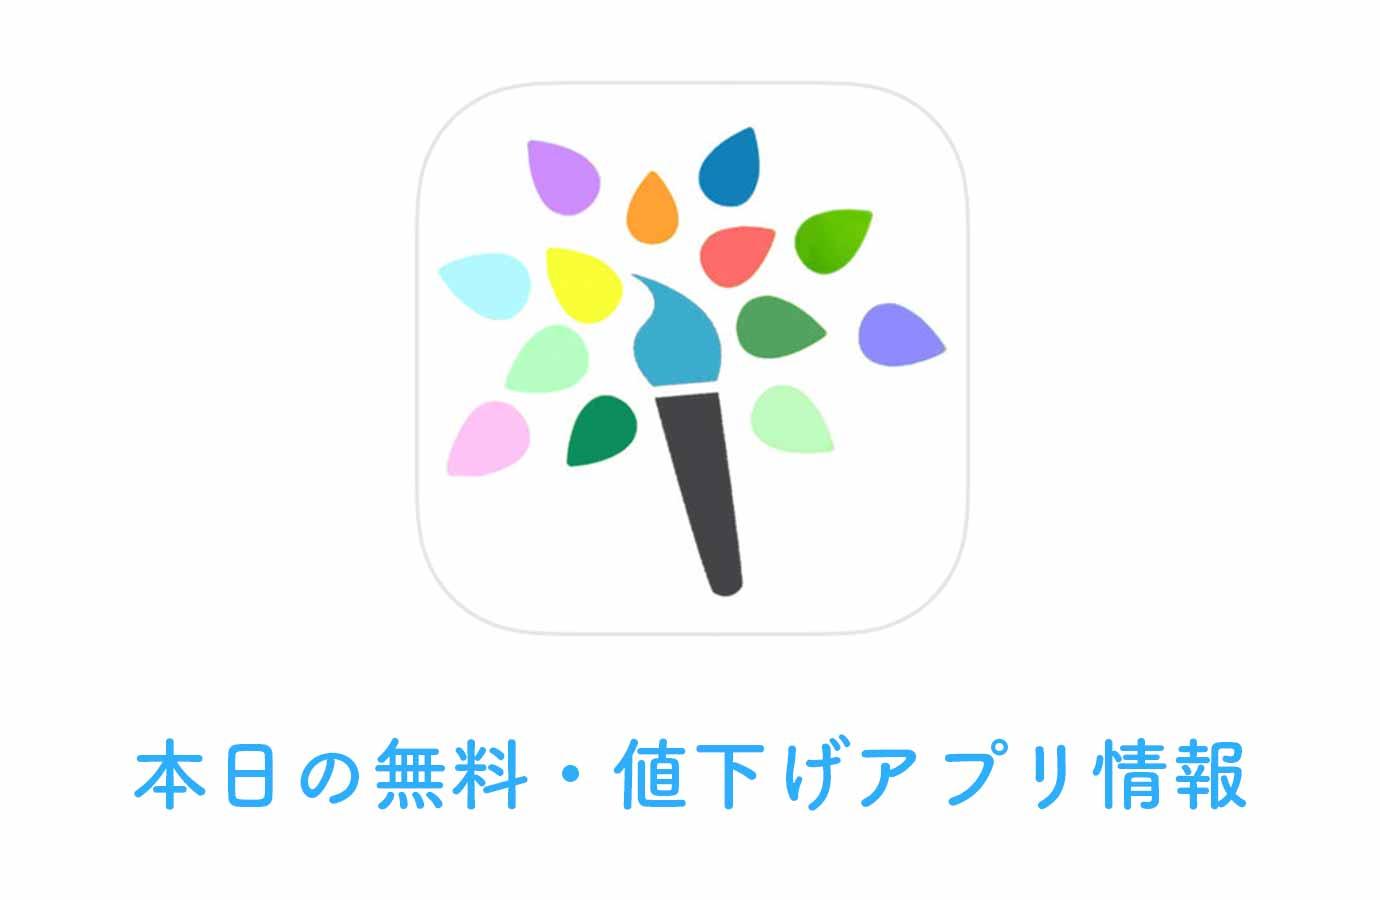 360円→無料、写真を水彩画風に加工できる「Paintkeep」など【6/21】本日の無料・値下げアプリ情報